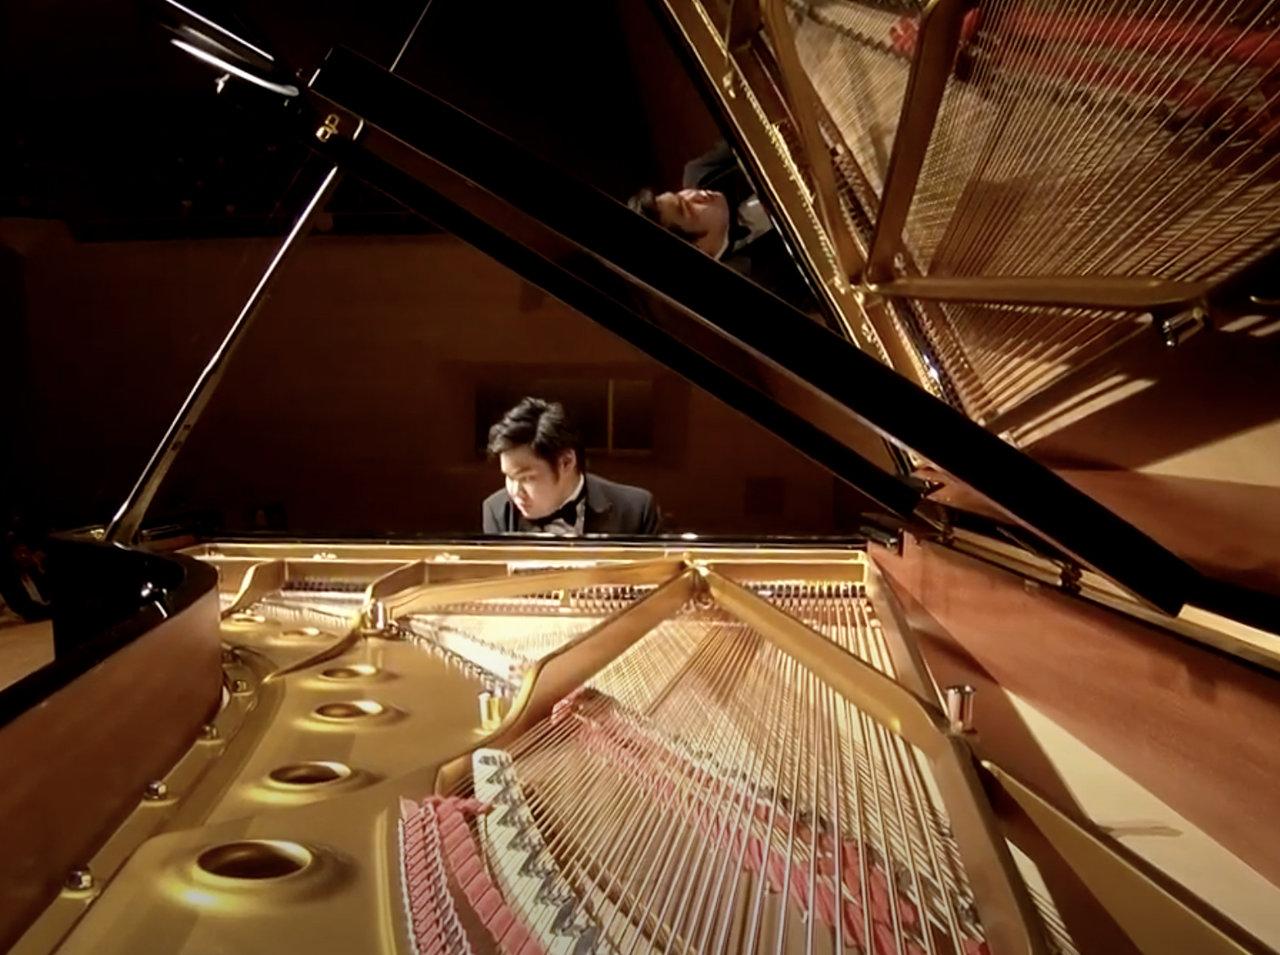 第8回 辻井伸行コンサート日記「カプースチン:前奏曲(8つの演奏会用練習曲 より)」